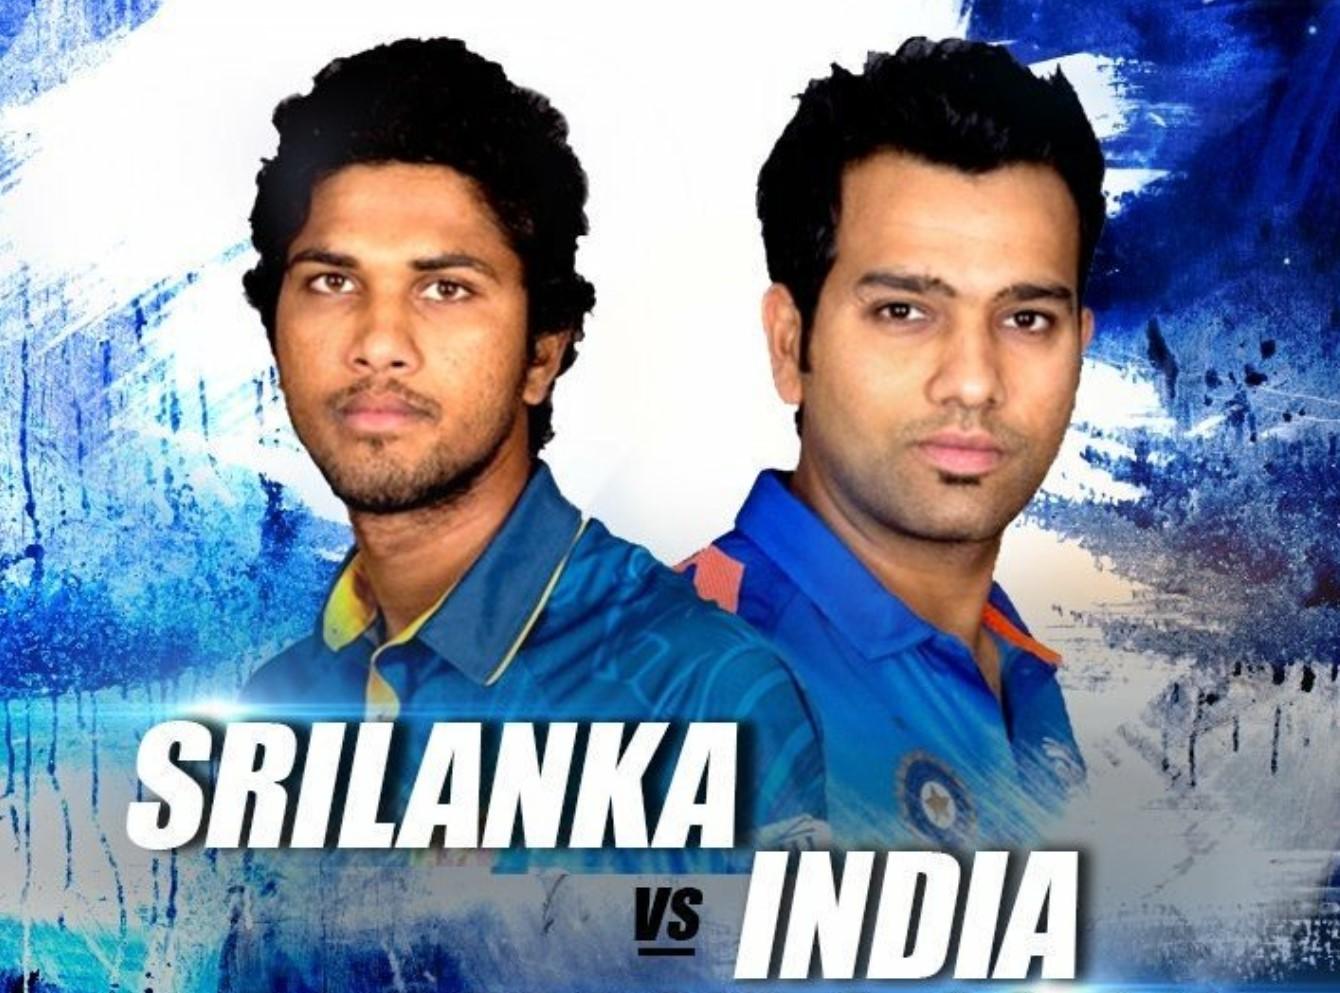 IND vs SL